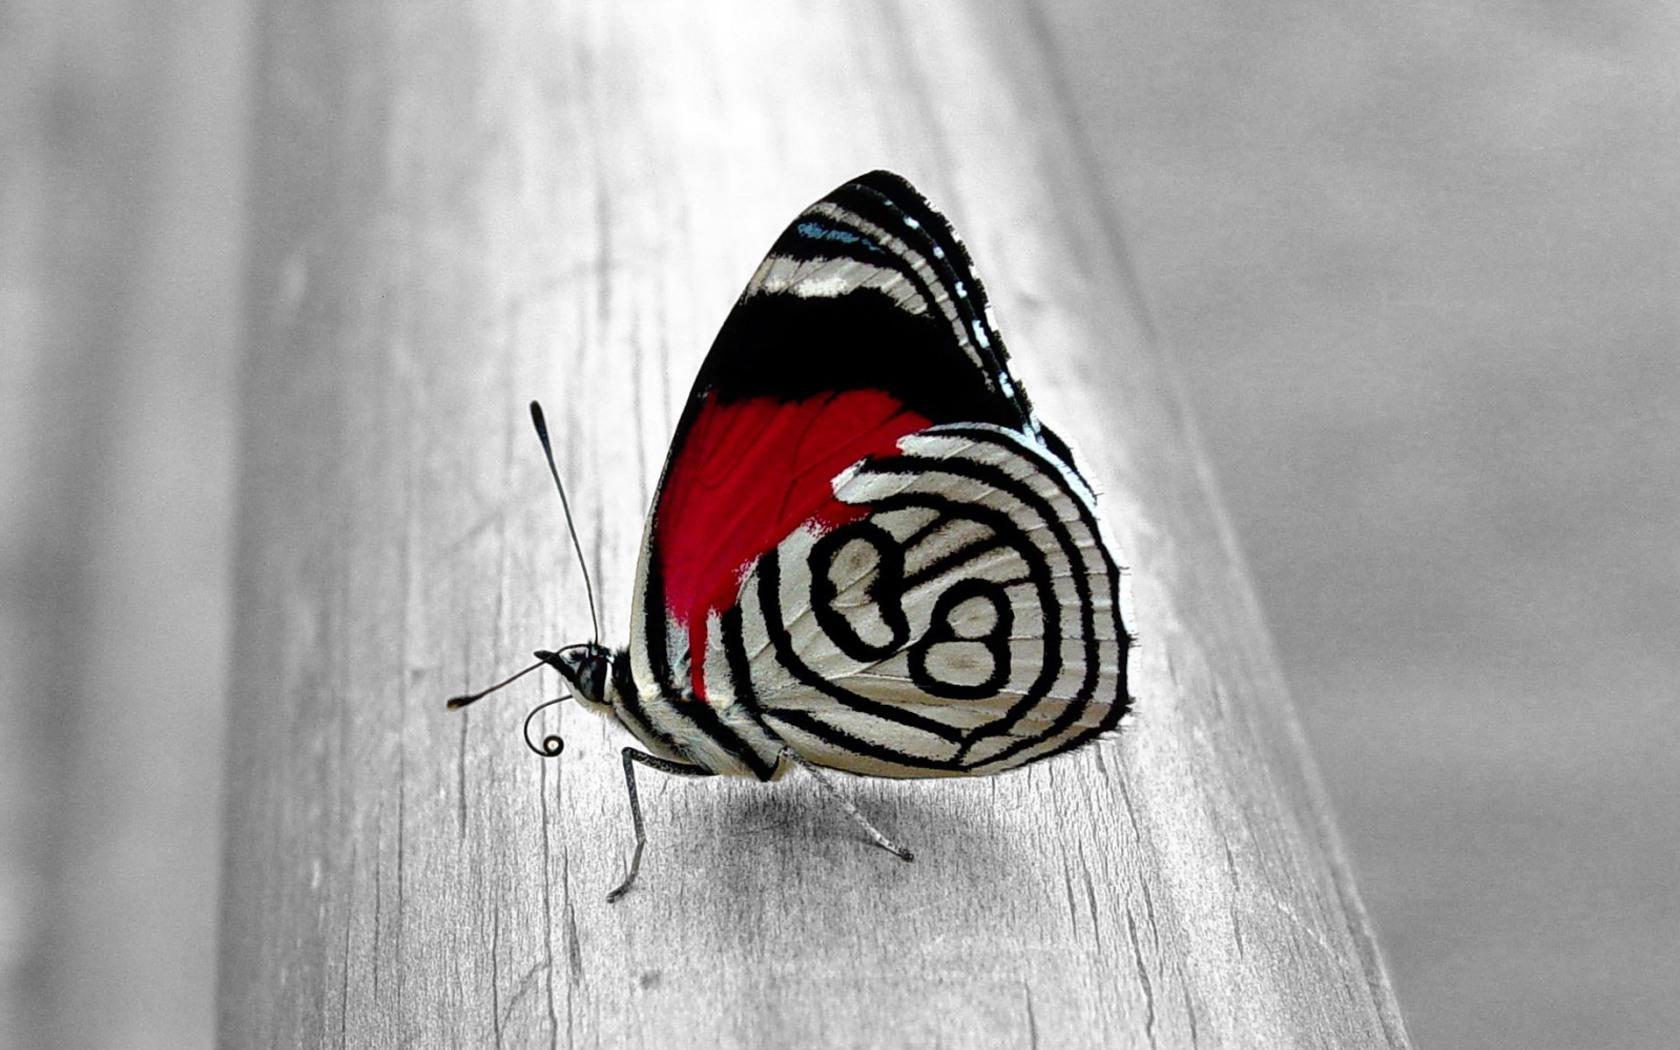 Hd wallpaper unique - Unique Butterfly Desktop Wallpaper